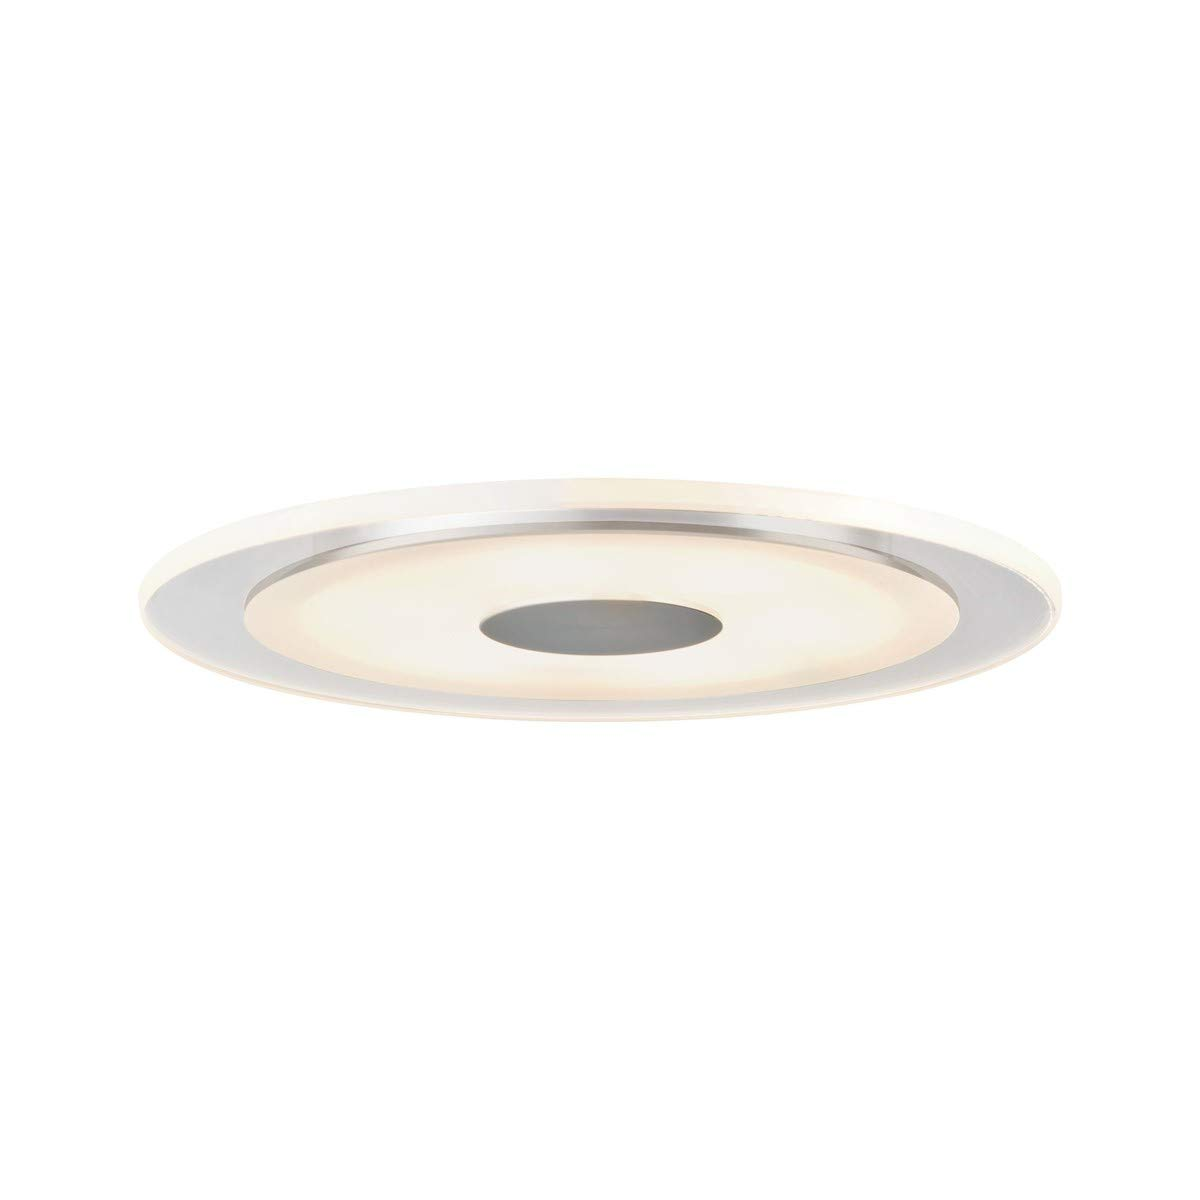 Paulmann 927.36 Premium ABL Set Whirl rund rund rund dimmbar LED 1x6W 150mm Alu gedreht Satin 92736 Spot Einbaustrahler Einbauleuchte db6538